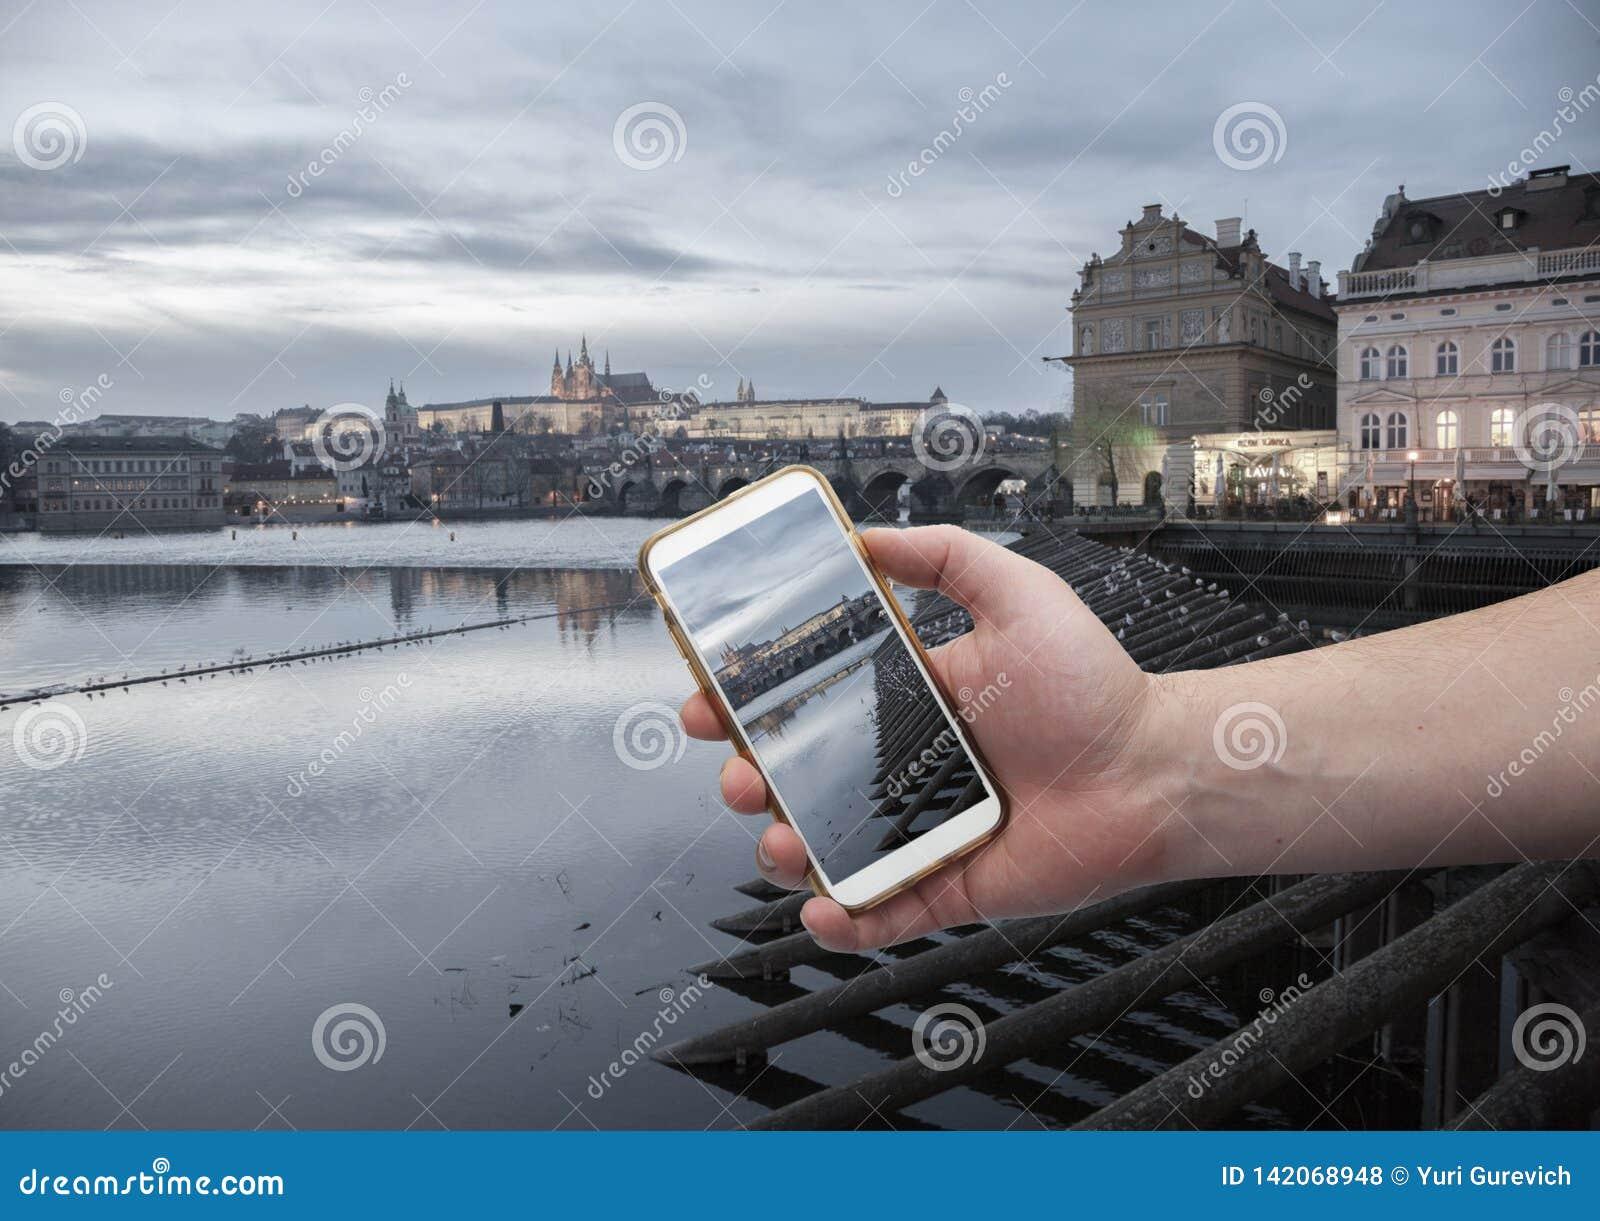 Φυσική άποψη του ιστορικού κέντρου Πράγα, γέφυρα του Charles και κτήρια του παλαιού πόλης χεριού με ένα smartphone, στην οθόνη το